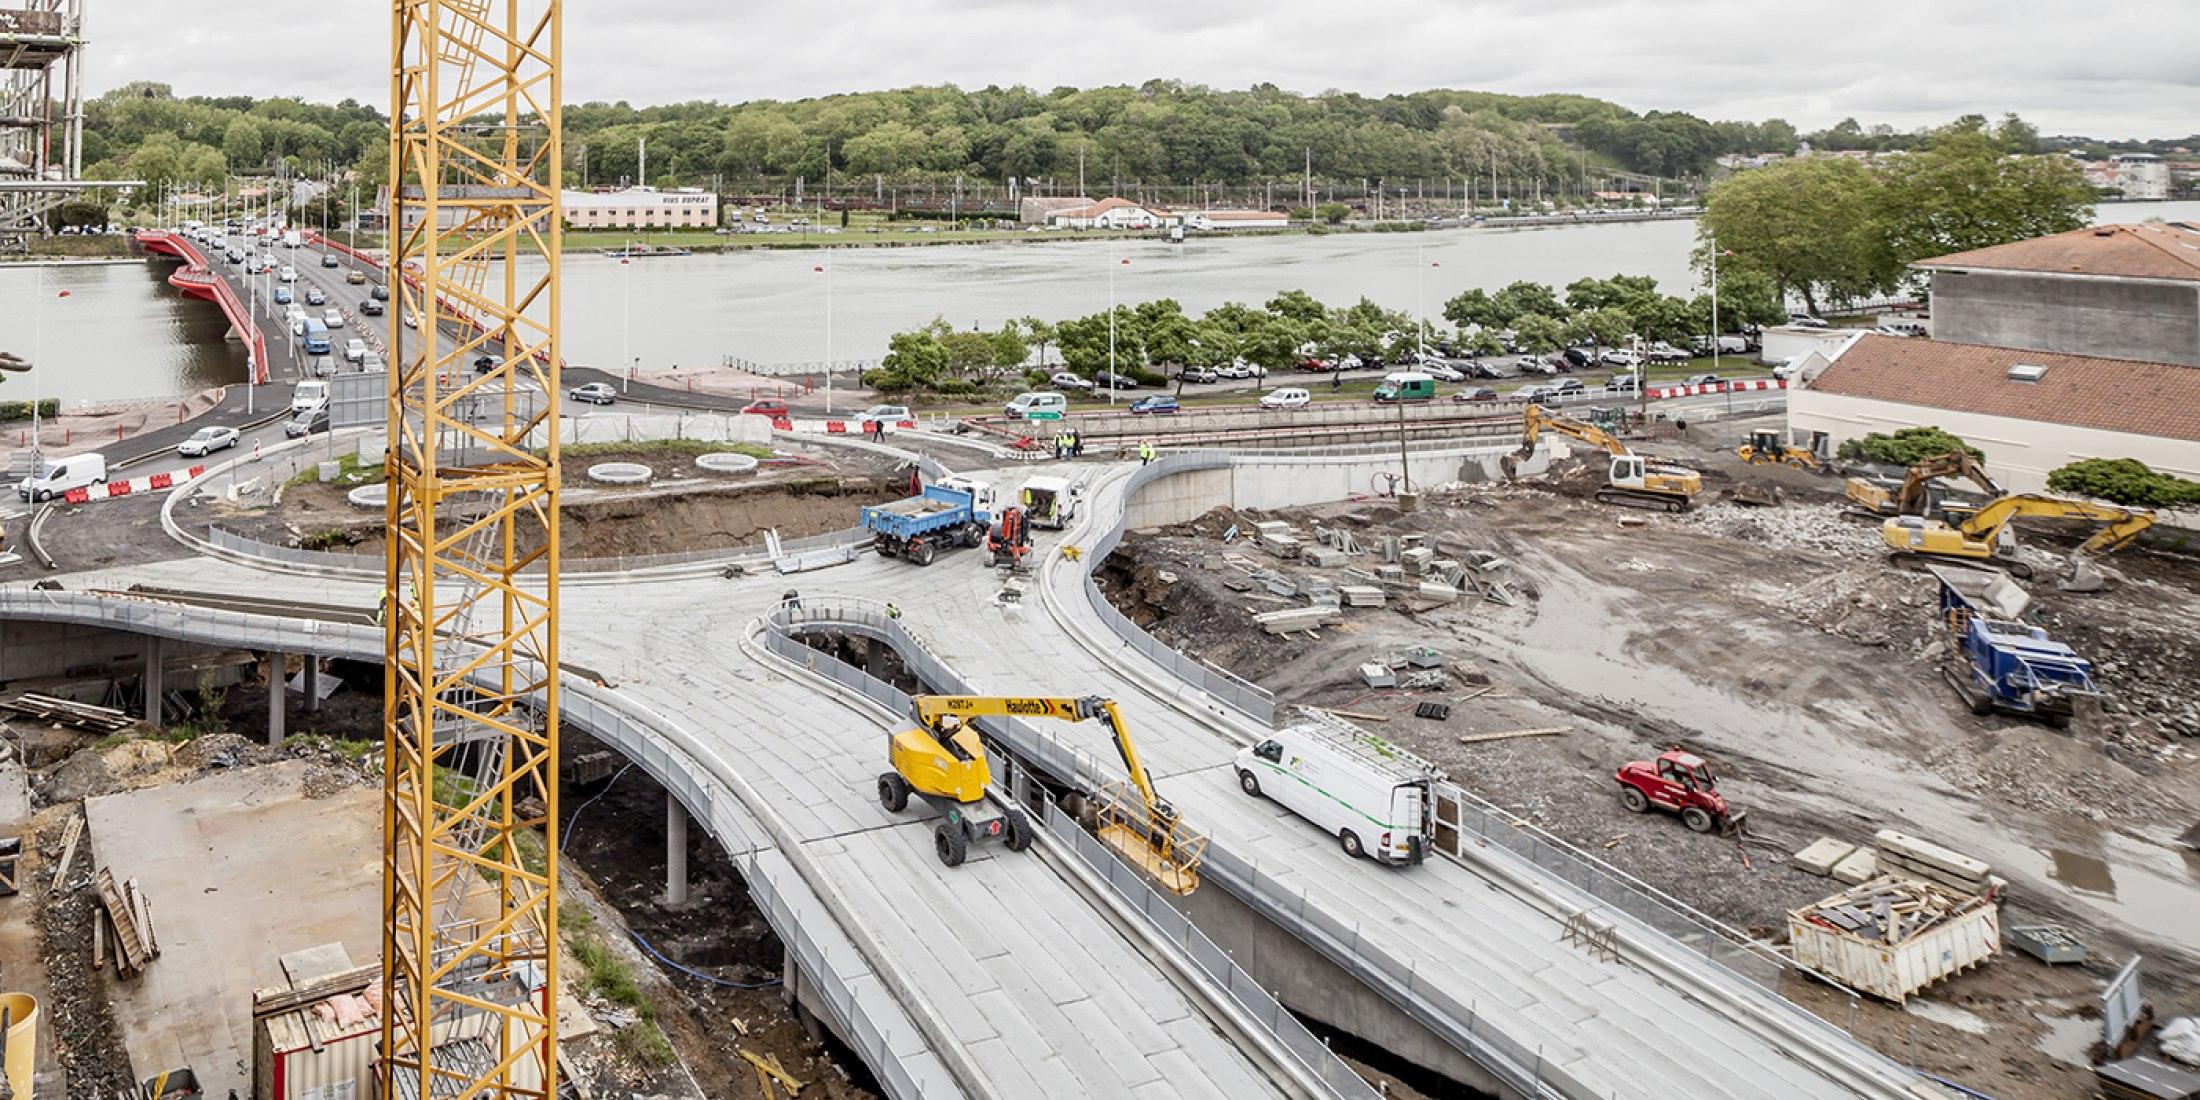 Tête de Pont por Josep Lluís Mateo, en construcción. Fotografía © Adrià Goula.